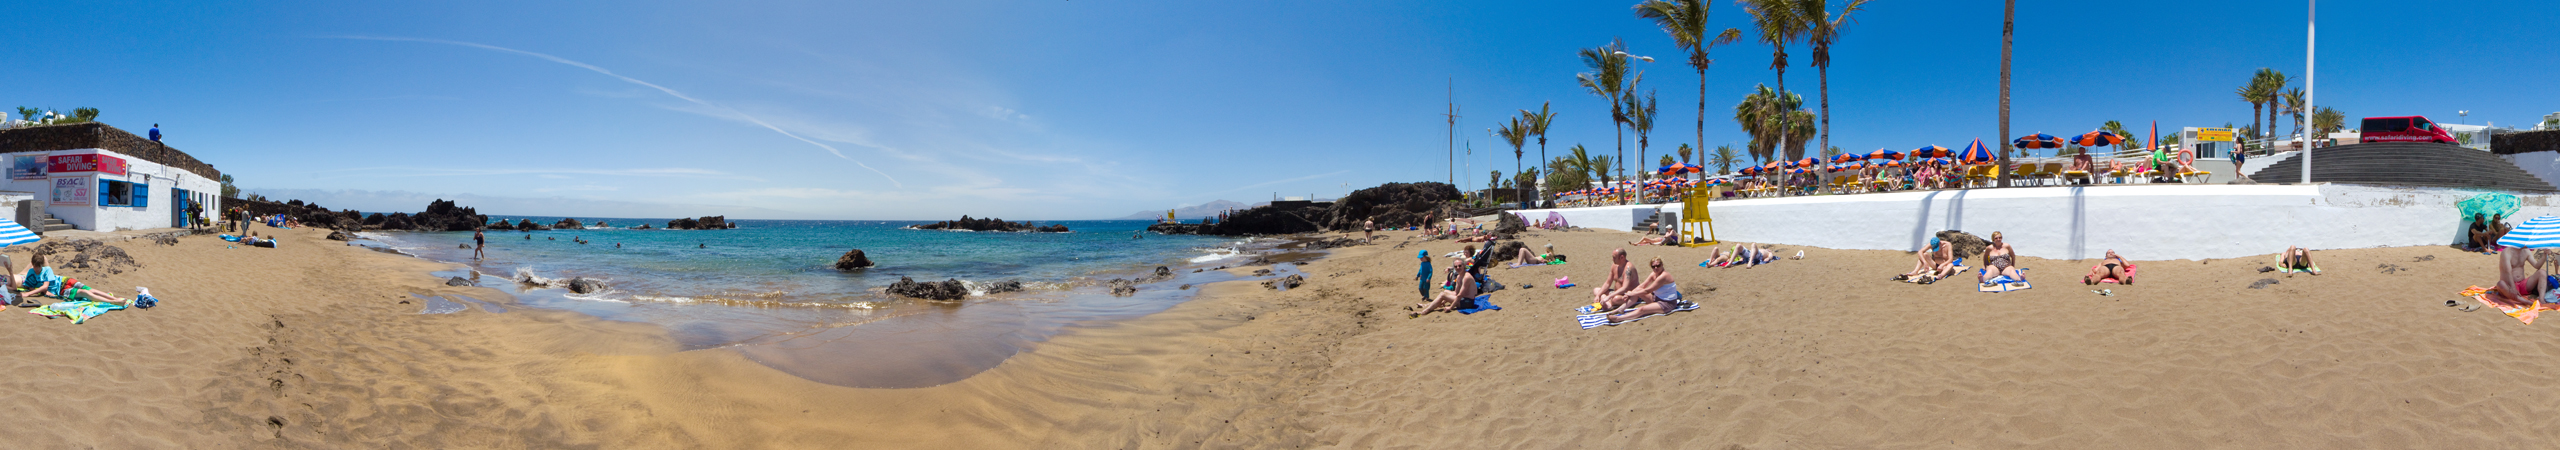 Aqua @ Lanzarote by Vera